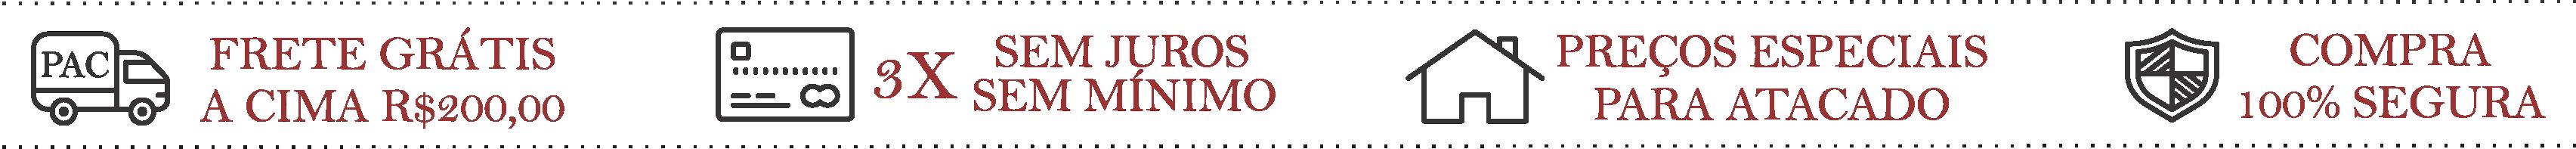 Banner Tarja 01